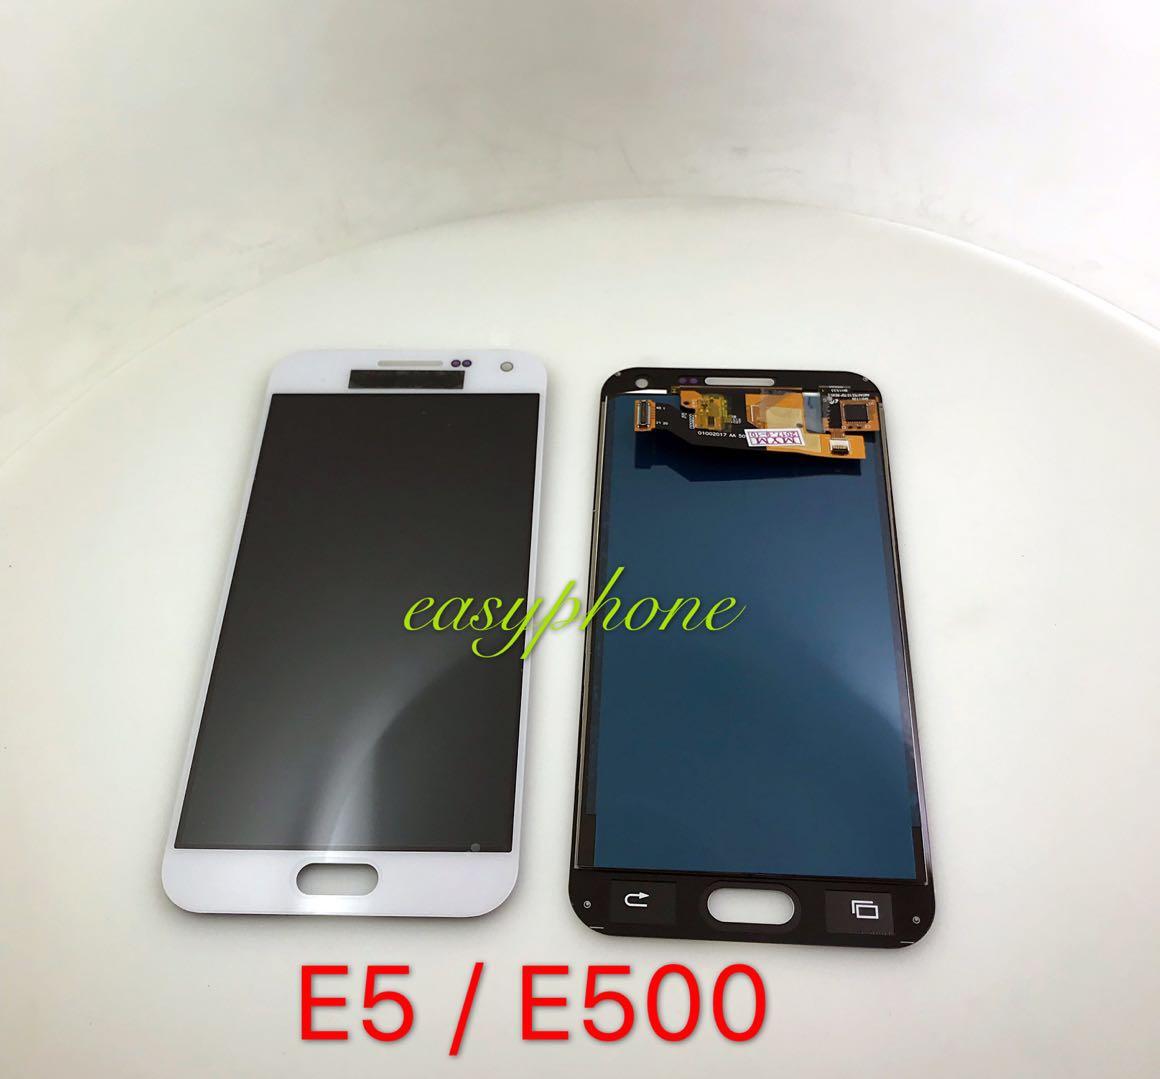 LCD E5 / E500 (เป็นจอชุดงานAปรับแสงไม่ได้) // มีสี ขาว,ดำ